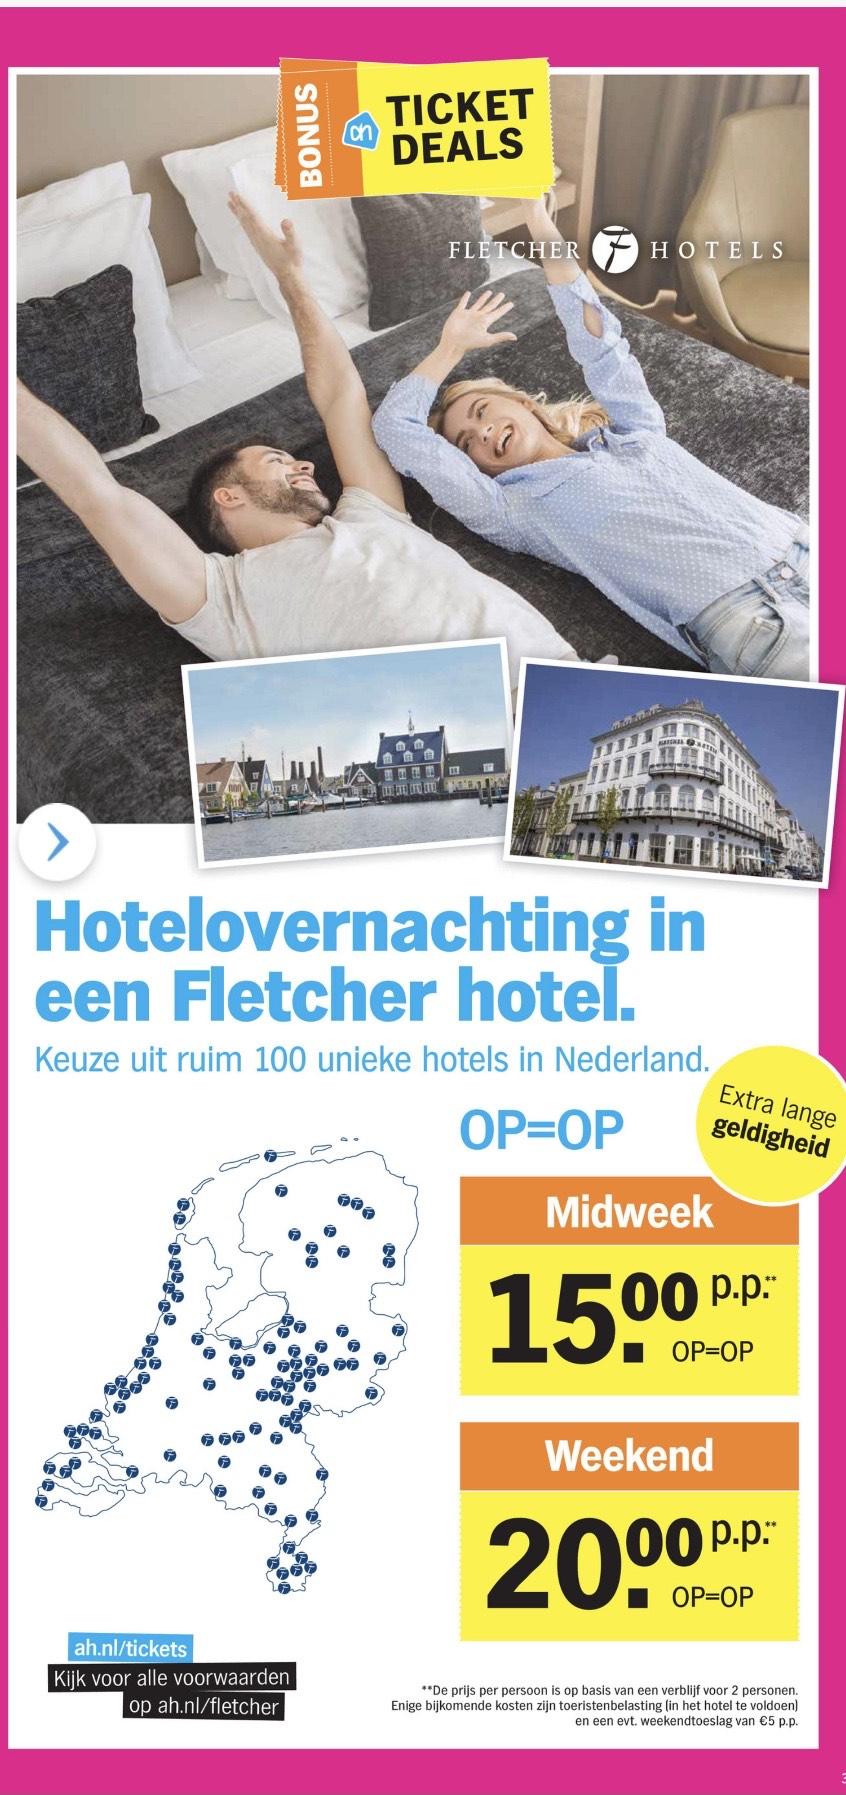 Hotelovernachting in een Fletcherhotel (geldig tot 31/12/21)